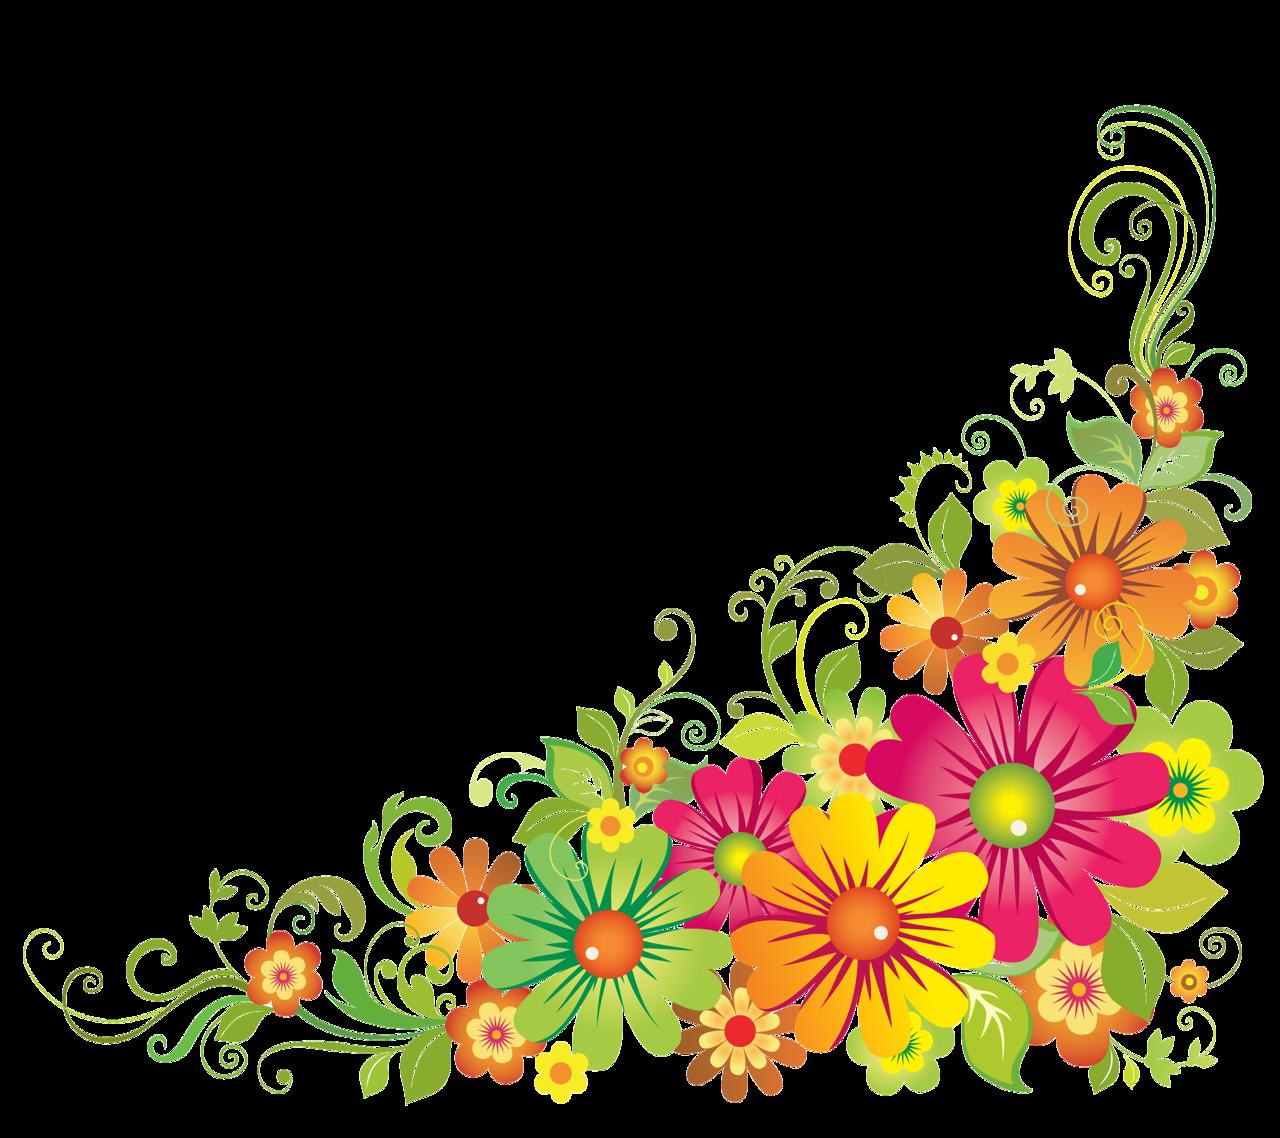 Flores y letras para. Clipart border horizontal